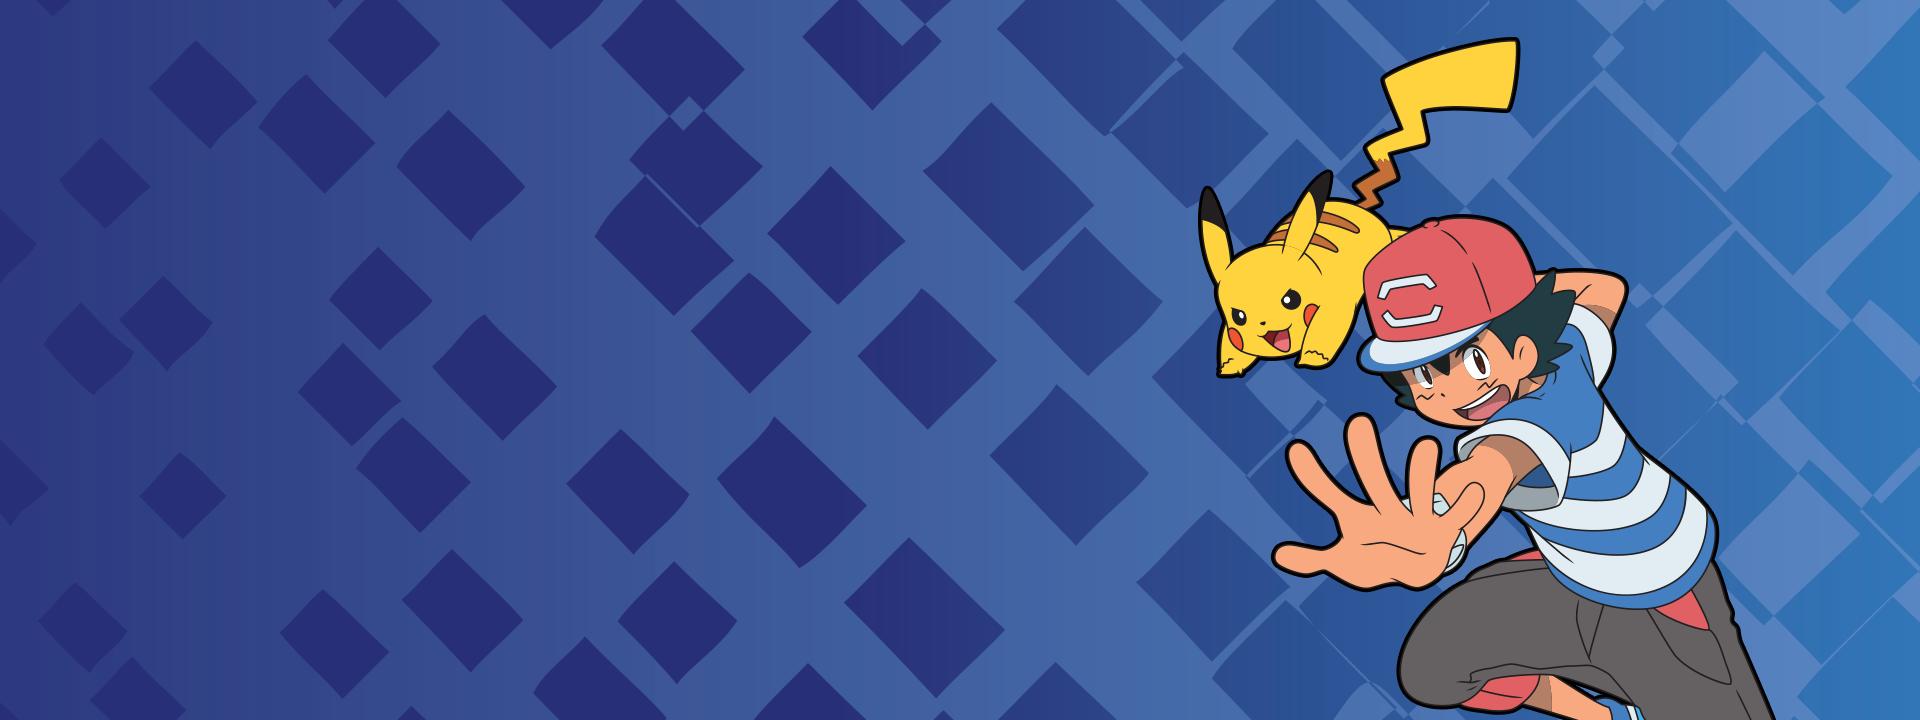 Buy device for pokemon go